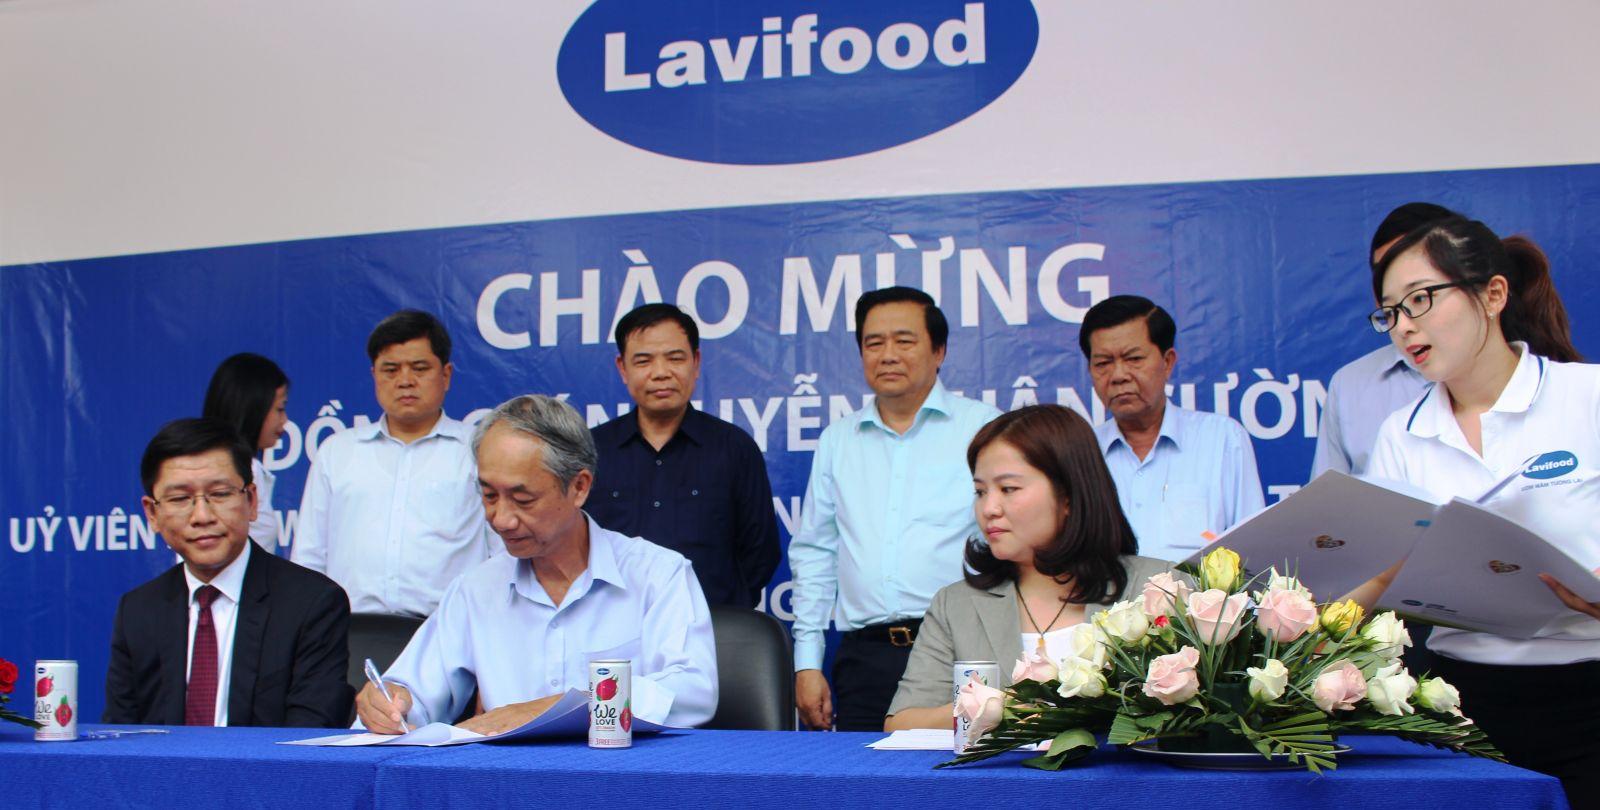 Bộ trưởng Nguyễn Xuân Cường cùng đoàn công tác đã chứng kiến sự cam kết đồng hành cùng người nông dân và nông nghiệp Việt Nam của nhiều doanh nghiệp